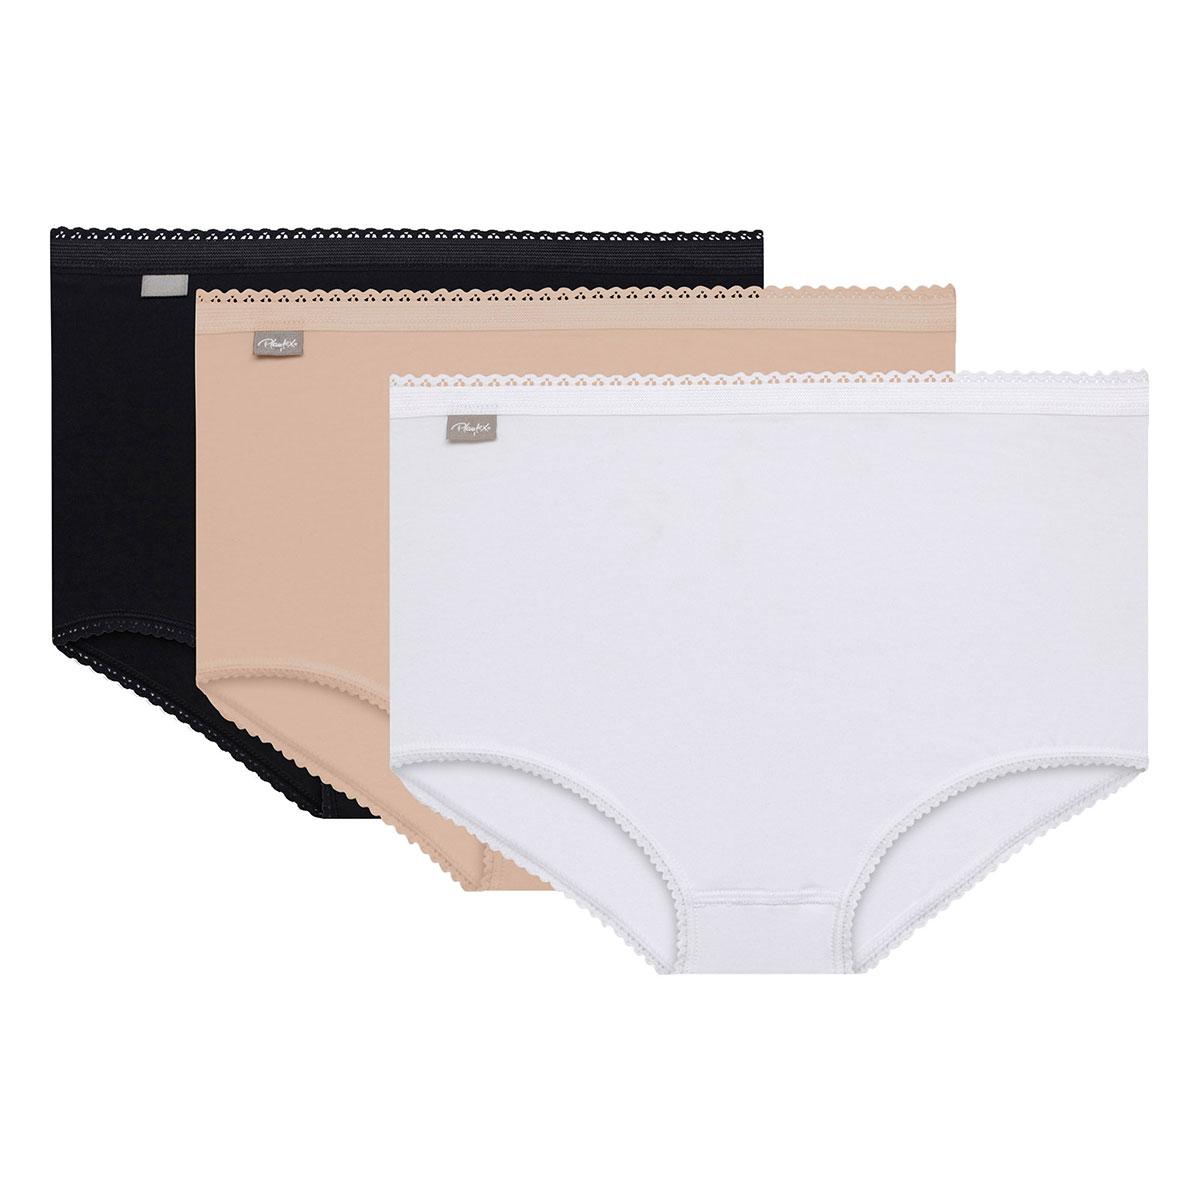 3 culottes Maxi noire, blanche et beige - Coton Stretch, , PLAYTEX